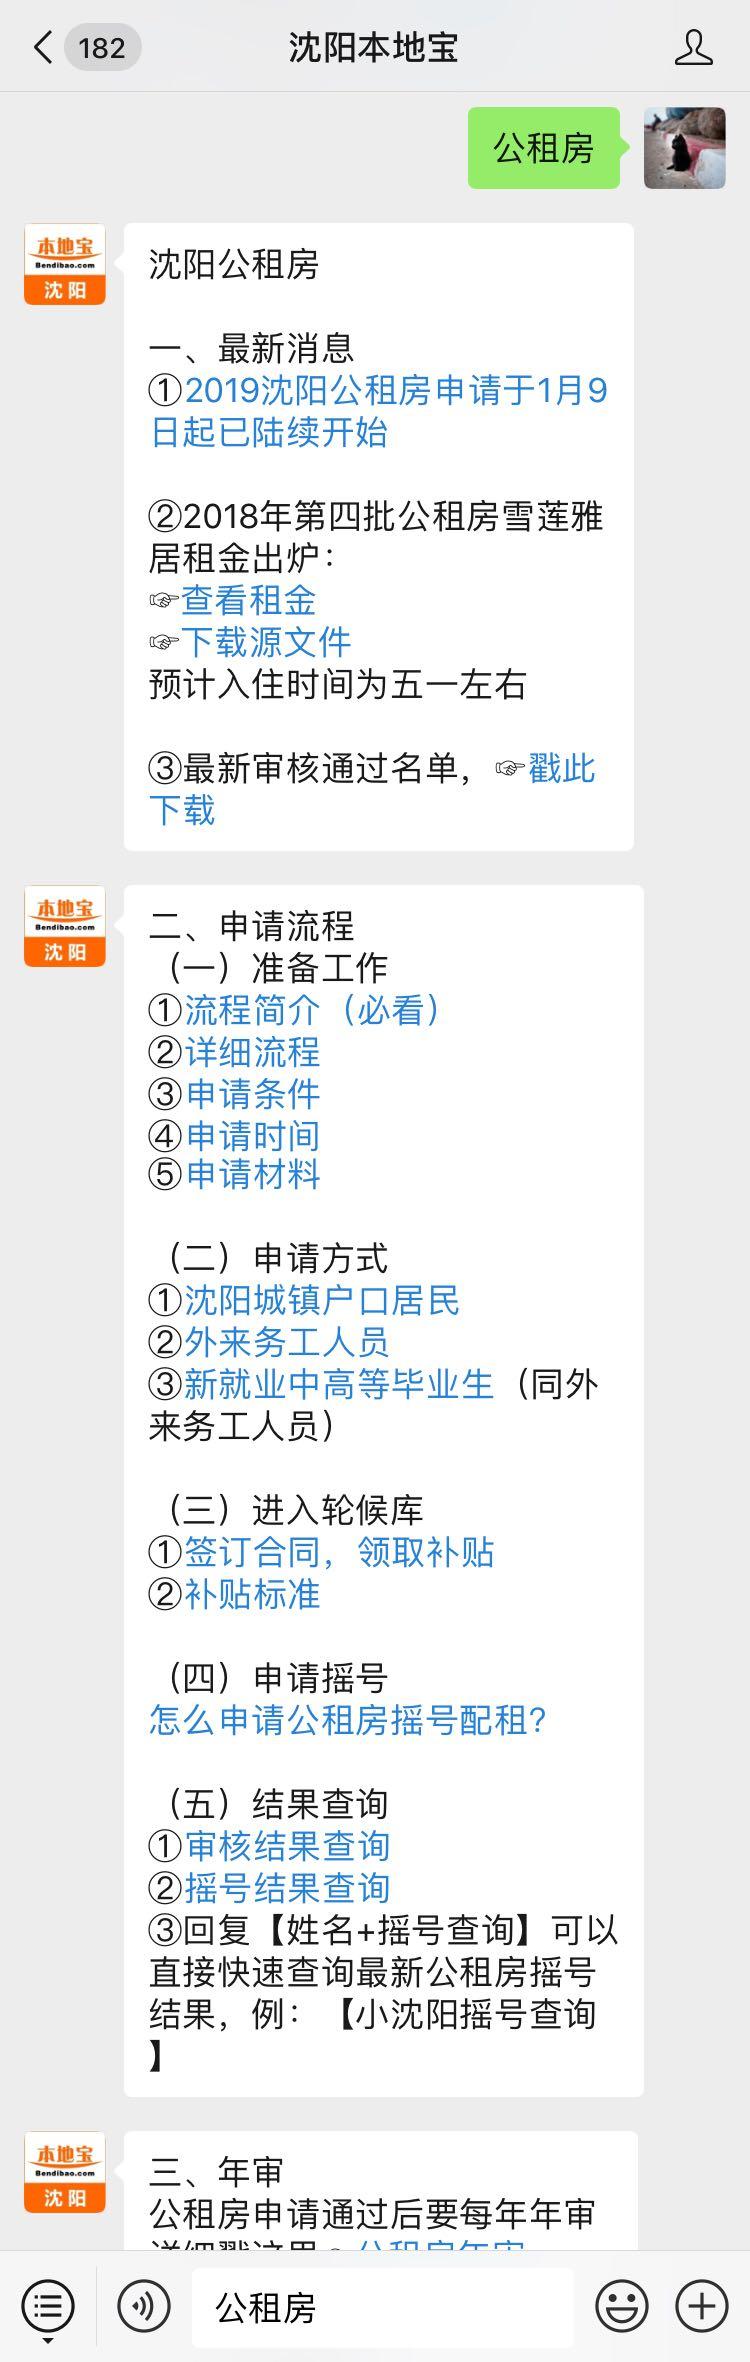 2019沈阳公租房最新消息(持续更新)